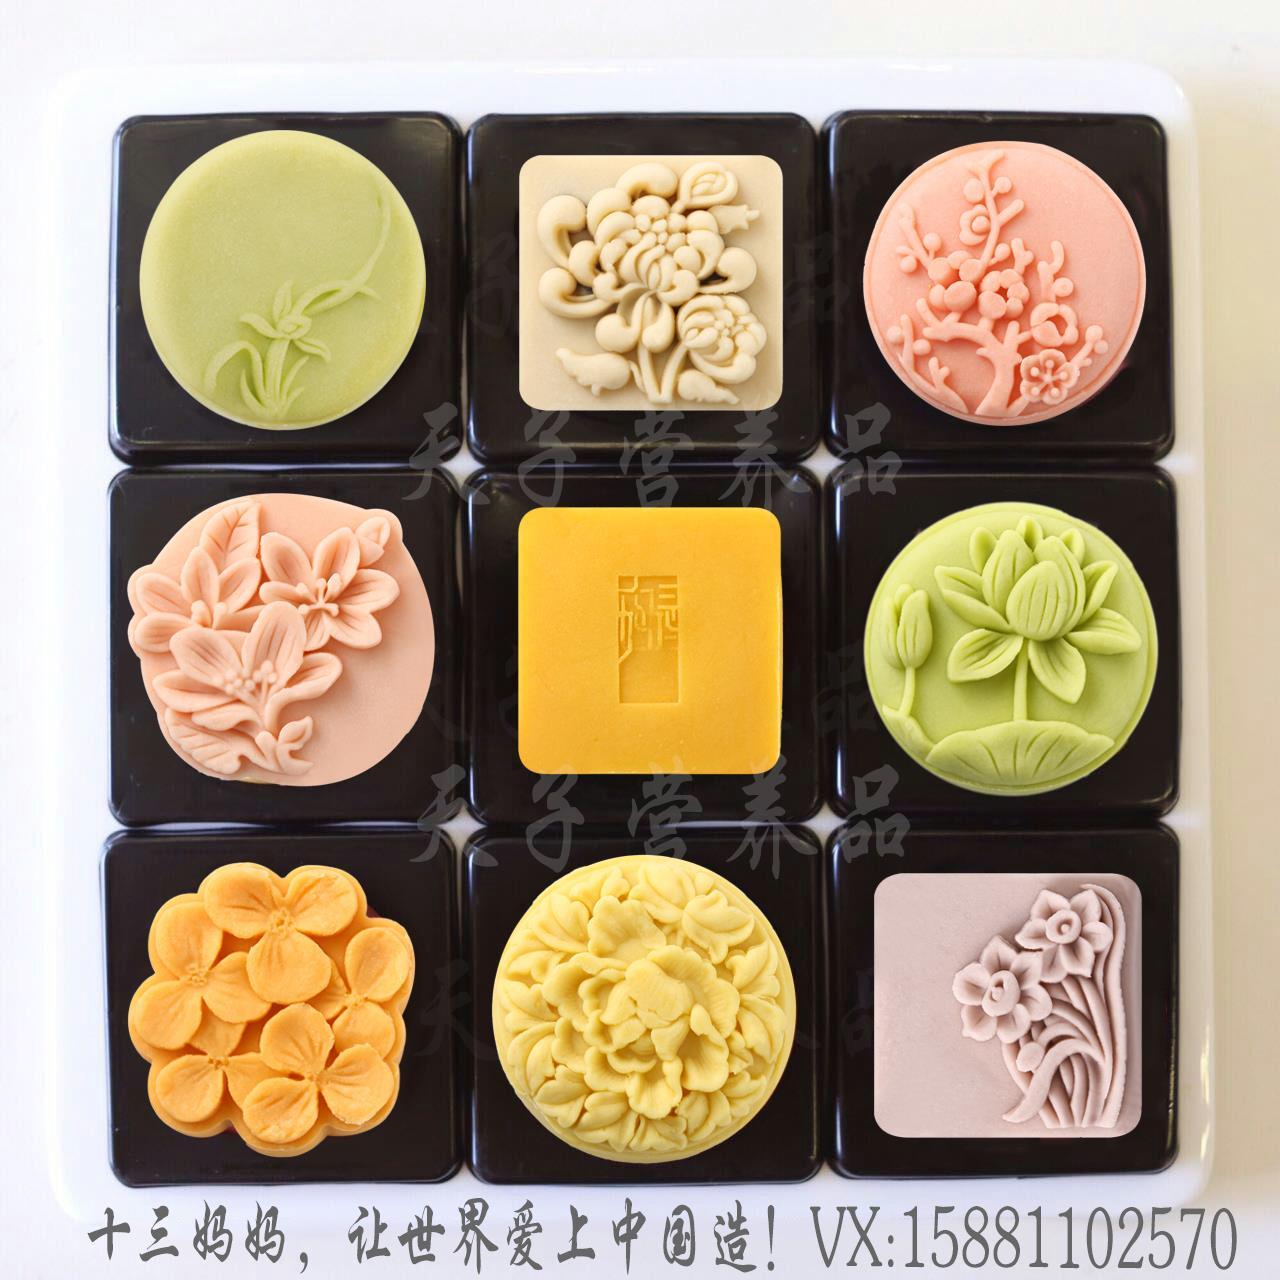 中秋创意月饼礼盒图片